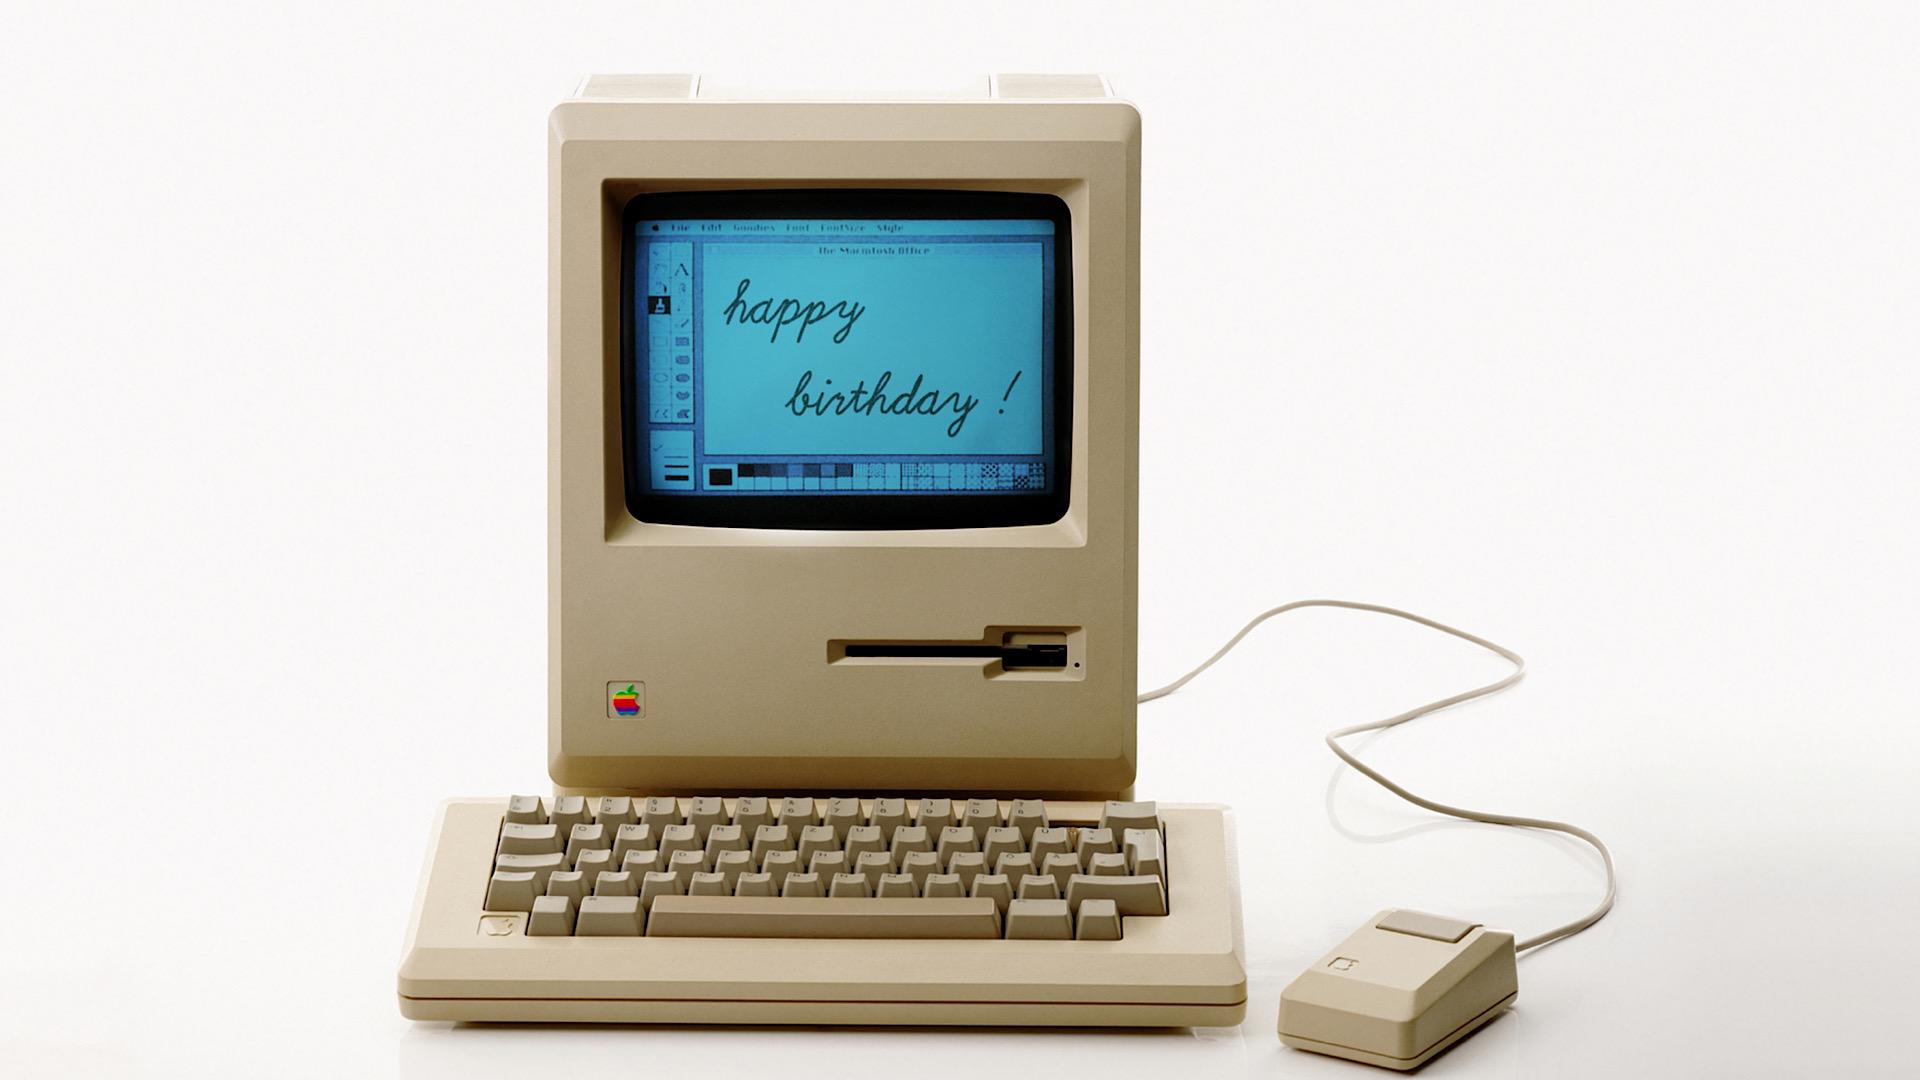 آی مک iMac